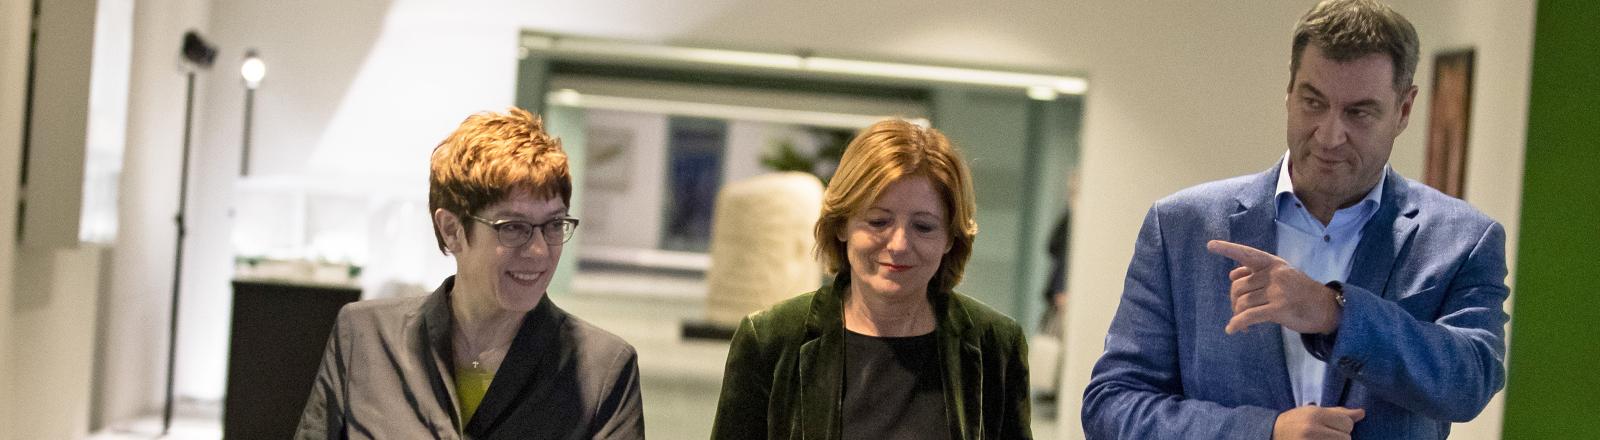 Annegret Kramp-Karrenbauer, Malu Dreyer und Markus Söder